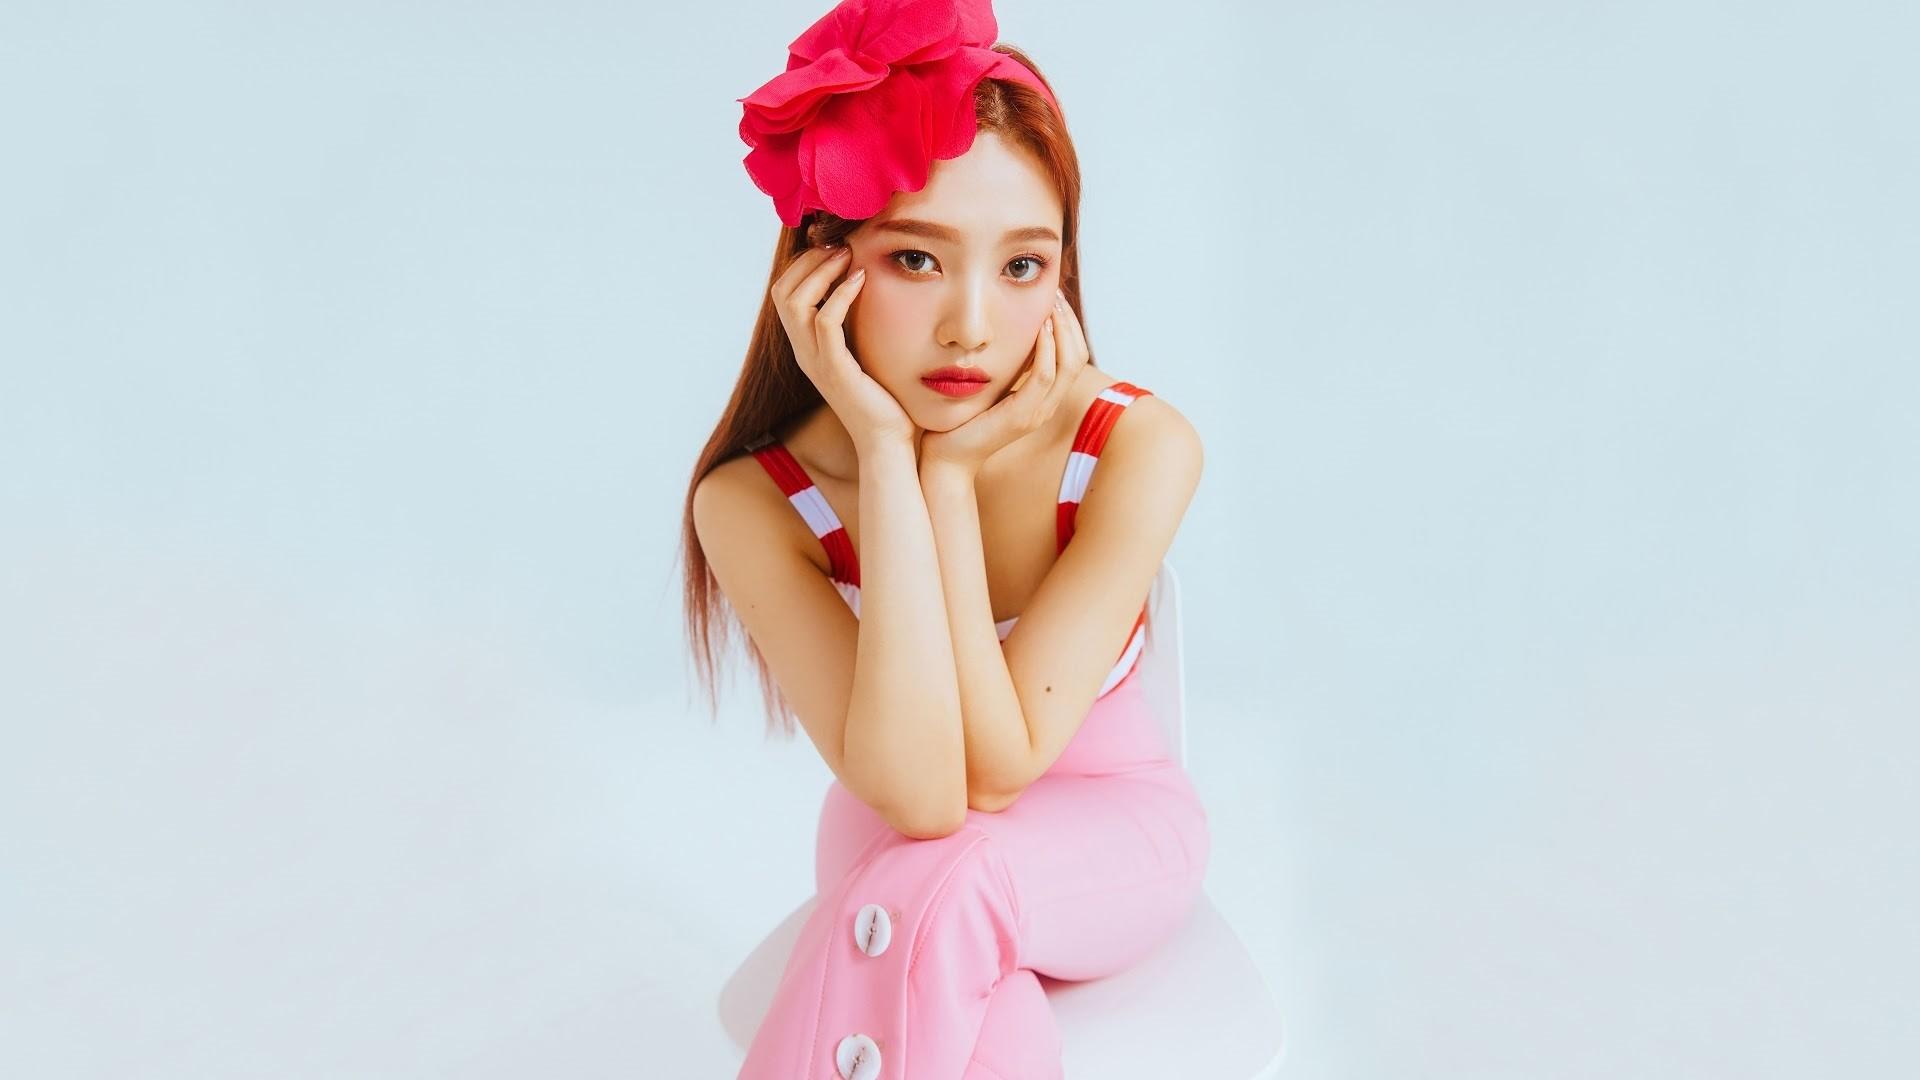 Red Velvet Wallpaper and Background